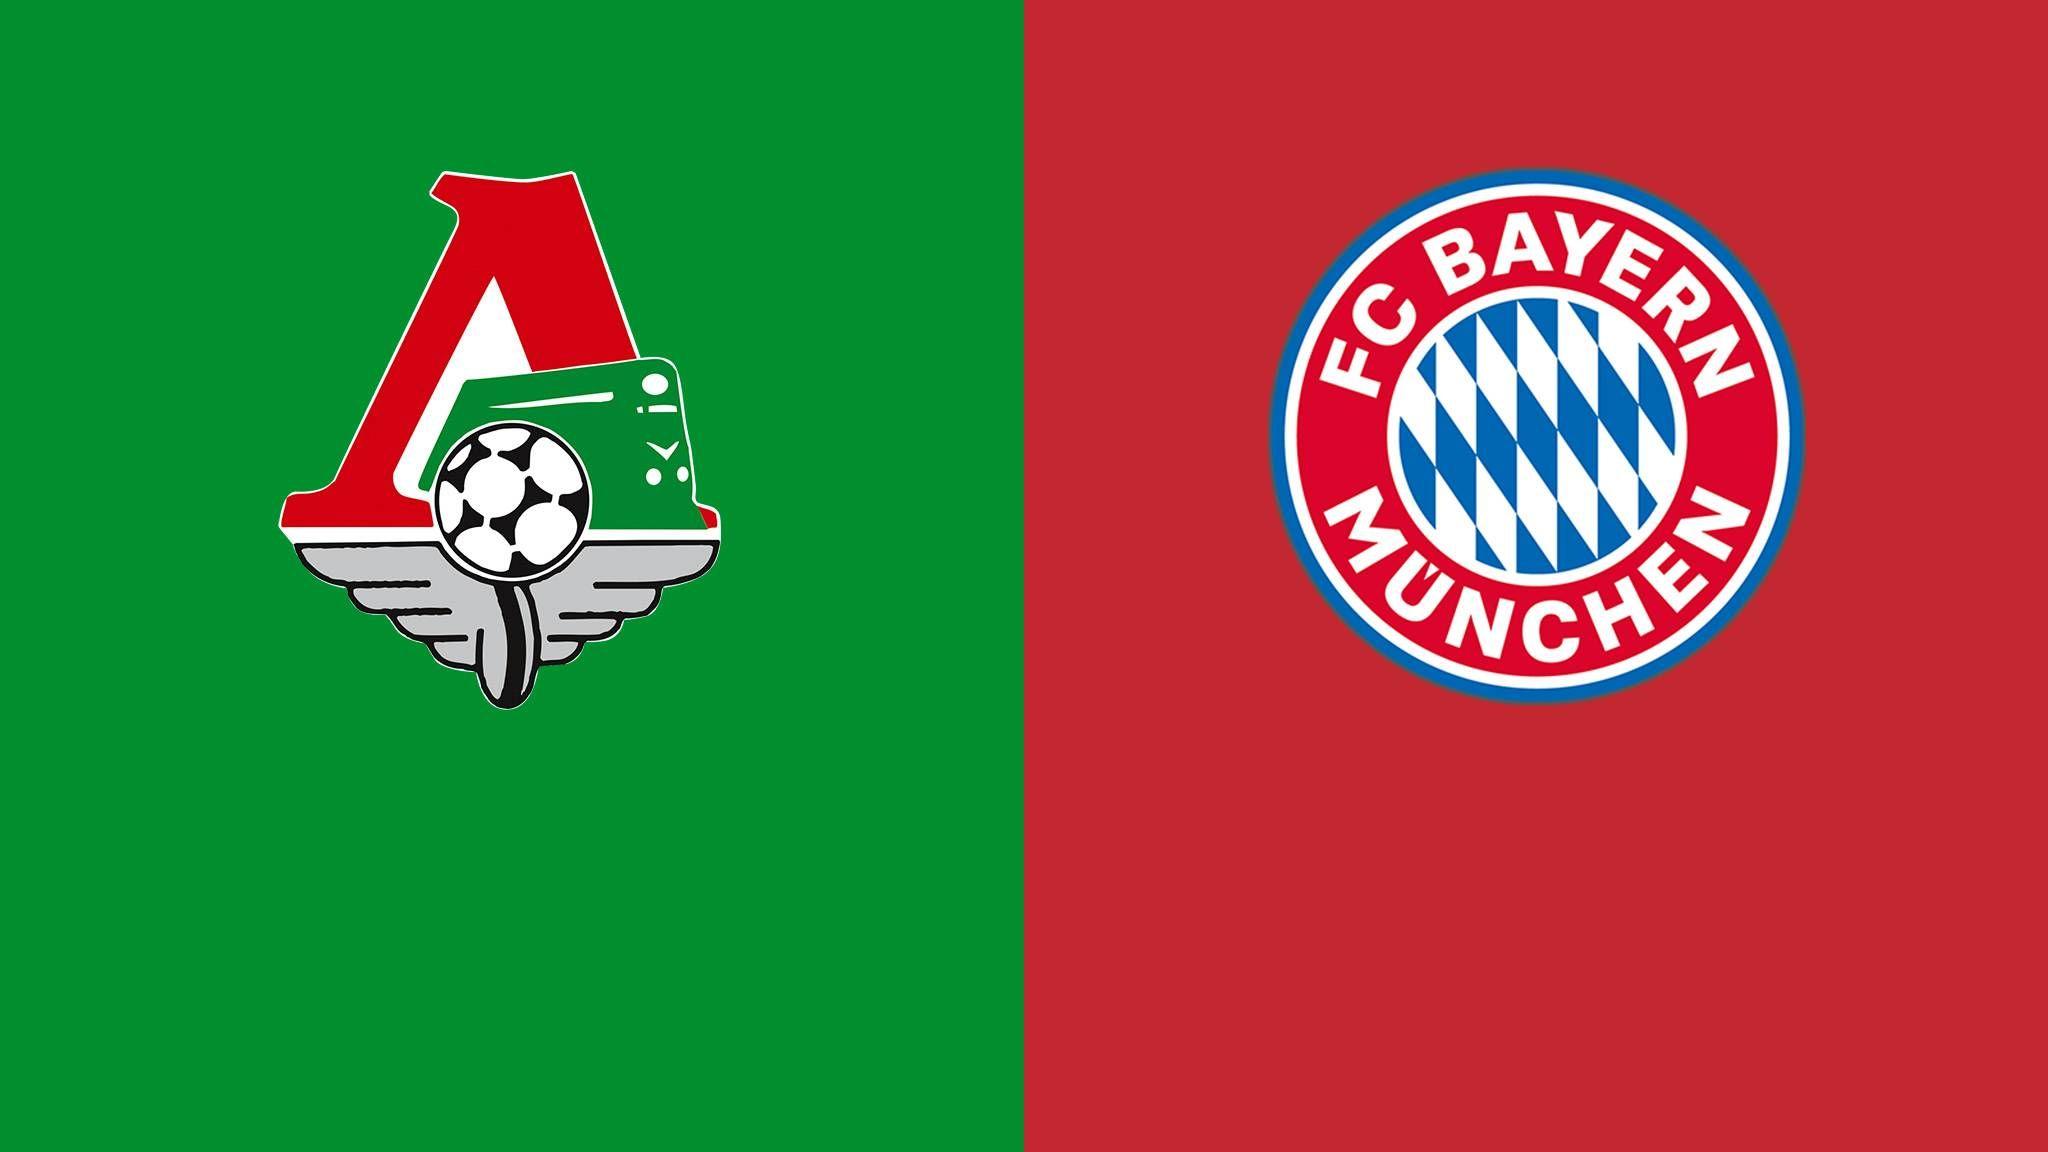 مشاهدة مباراة بايرن ميونخ ولوكوموتيف موسكو بث مباشر اليوم 27 10 2020 في دوري ابطال اوروبا Bayern Bayern Munchen Match Highlights